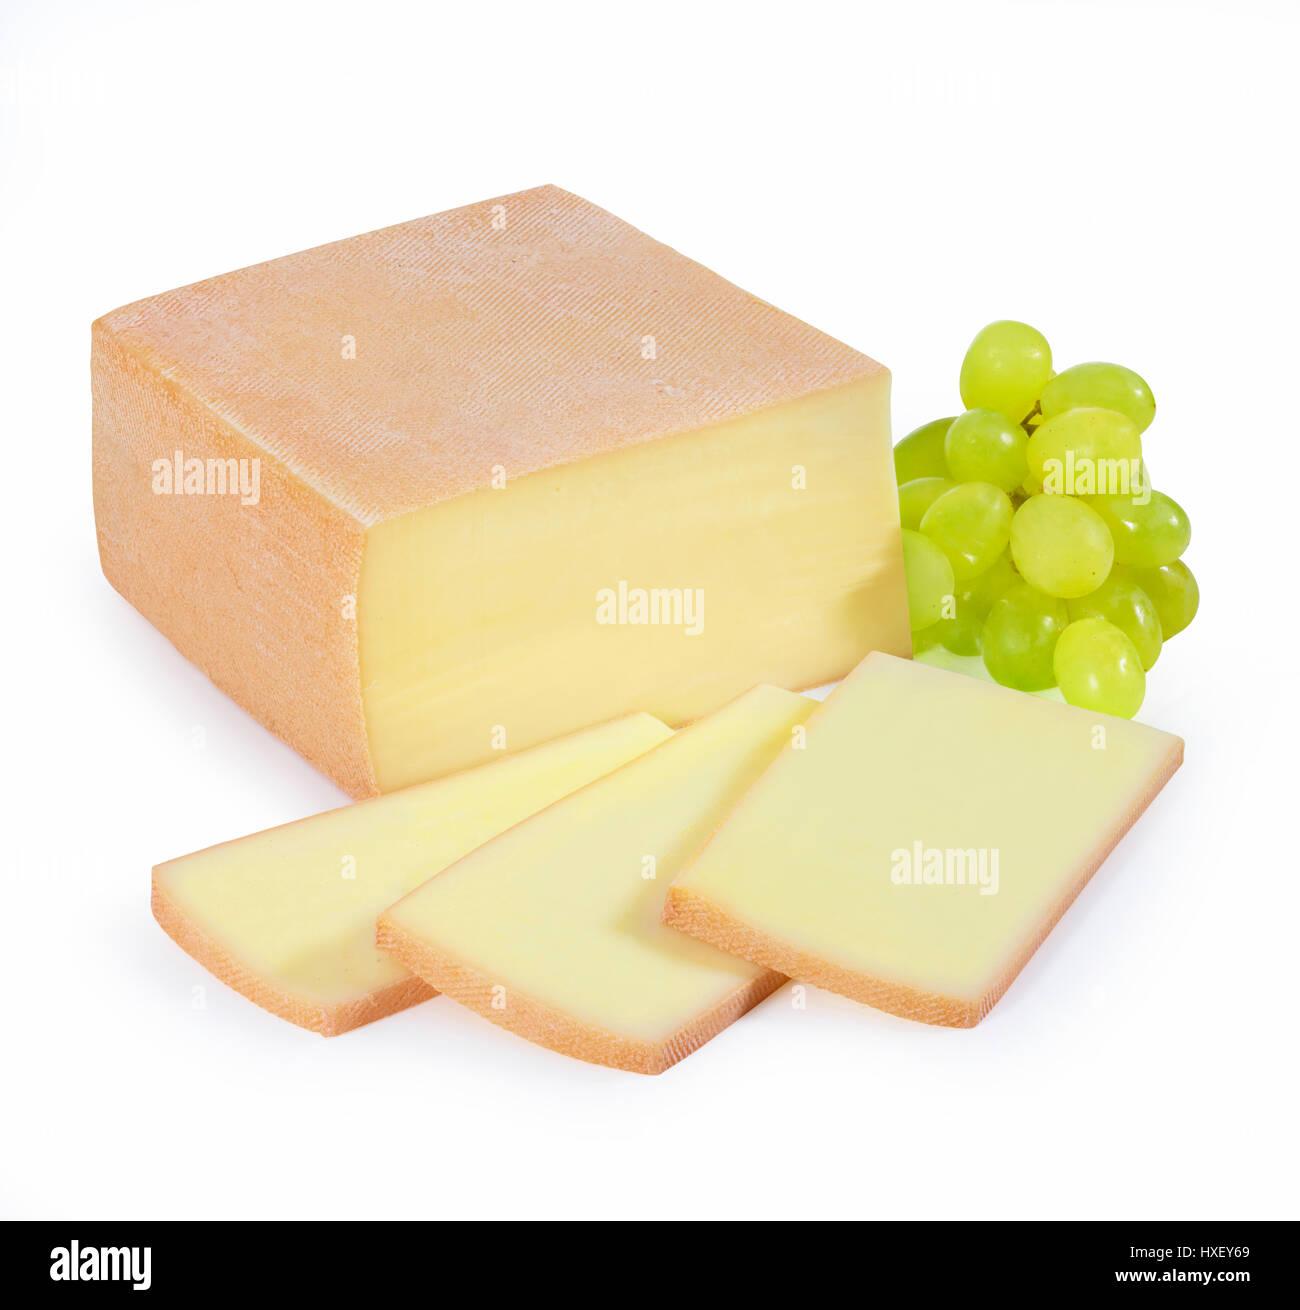 Formaggio, parzialmente tagliata a fette di formaggio raclette, uva (Vitis vinifera) come decorazione Immagini Stock